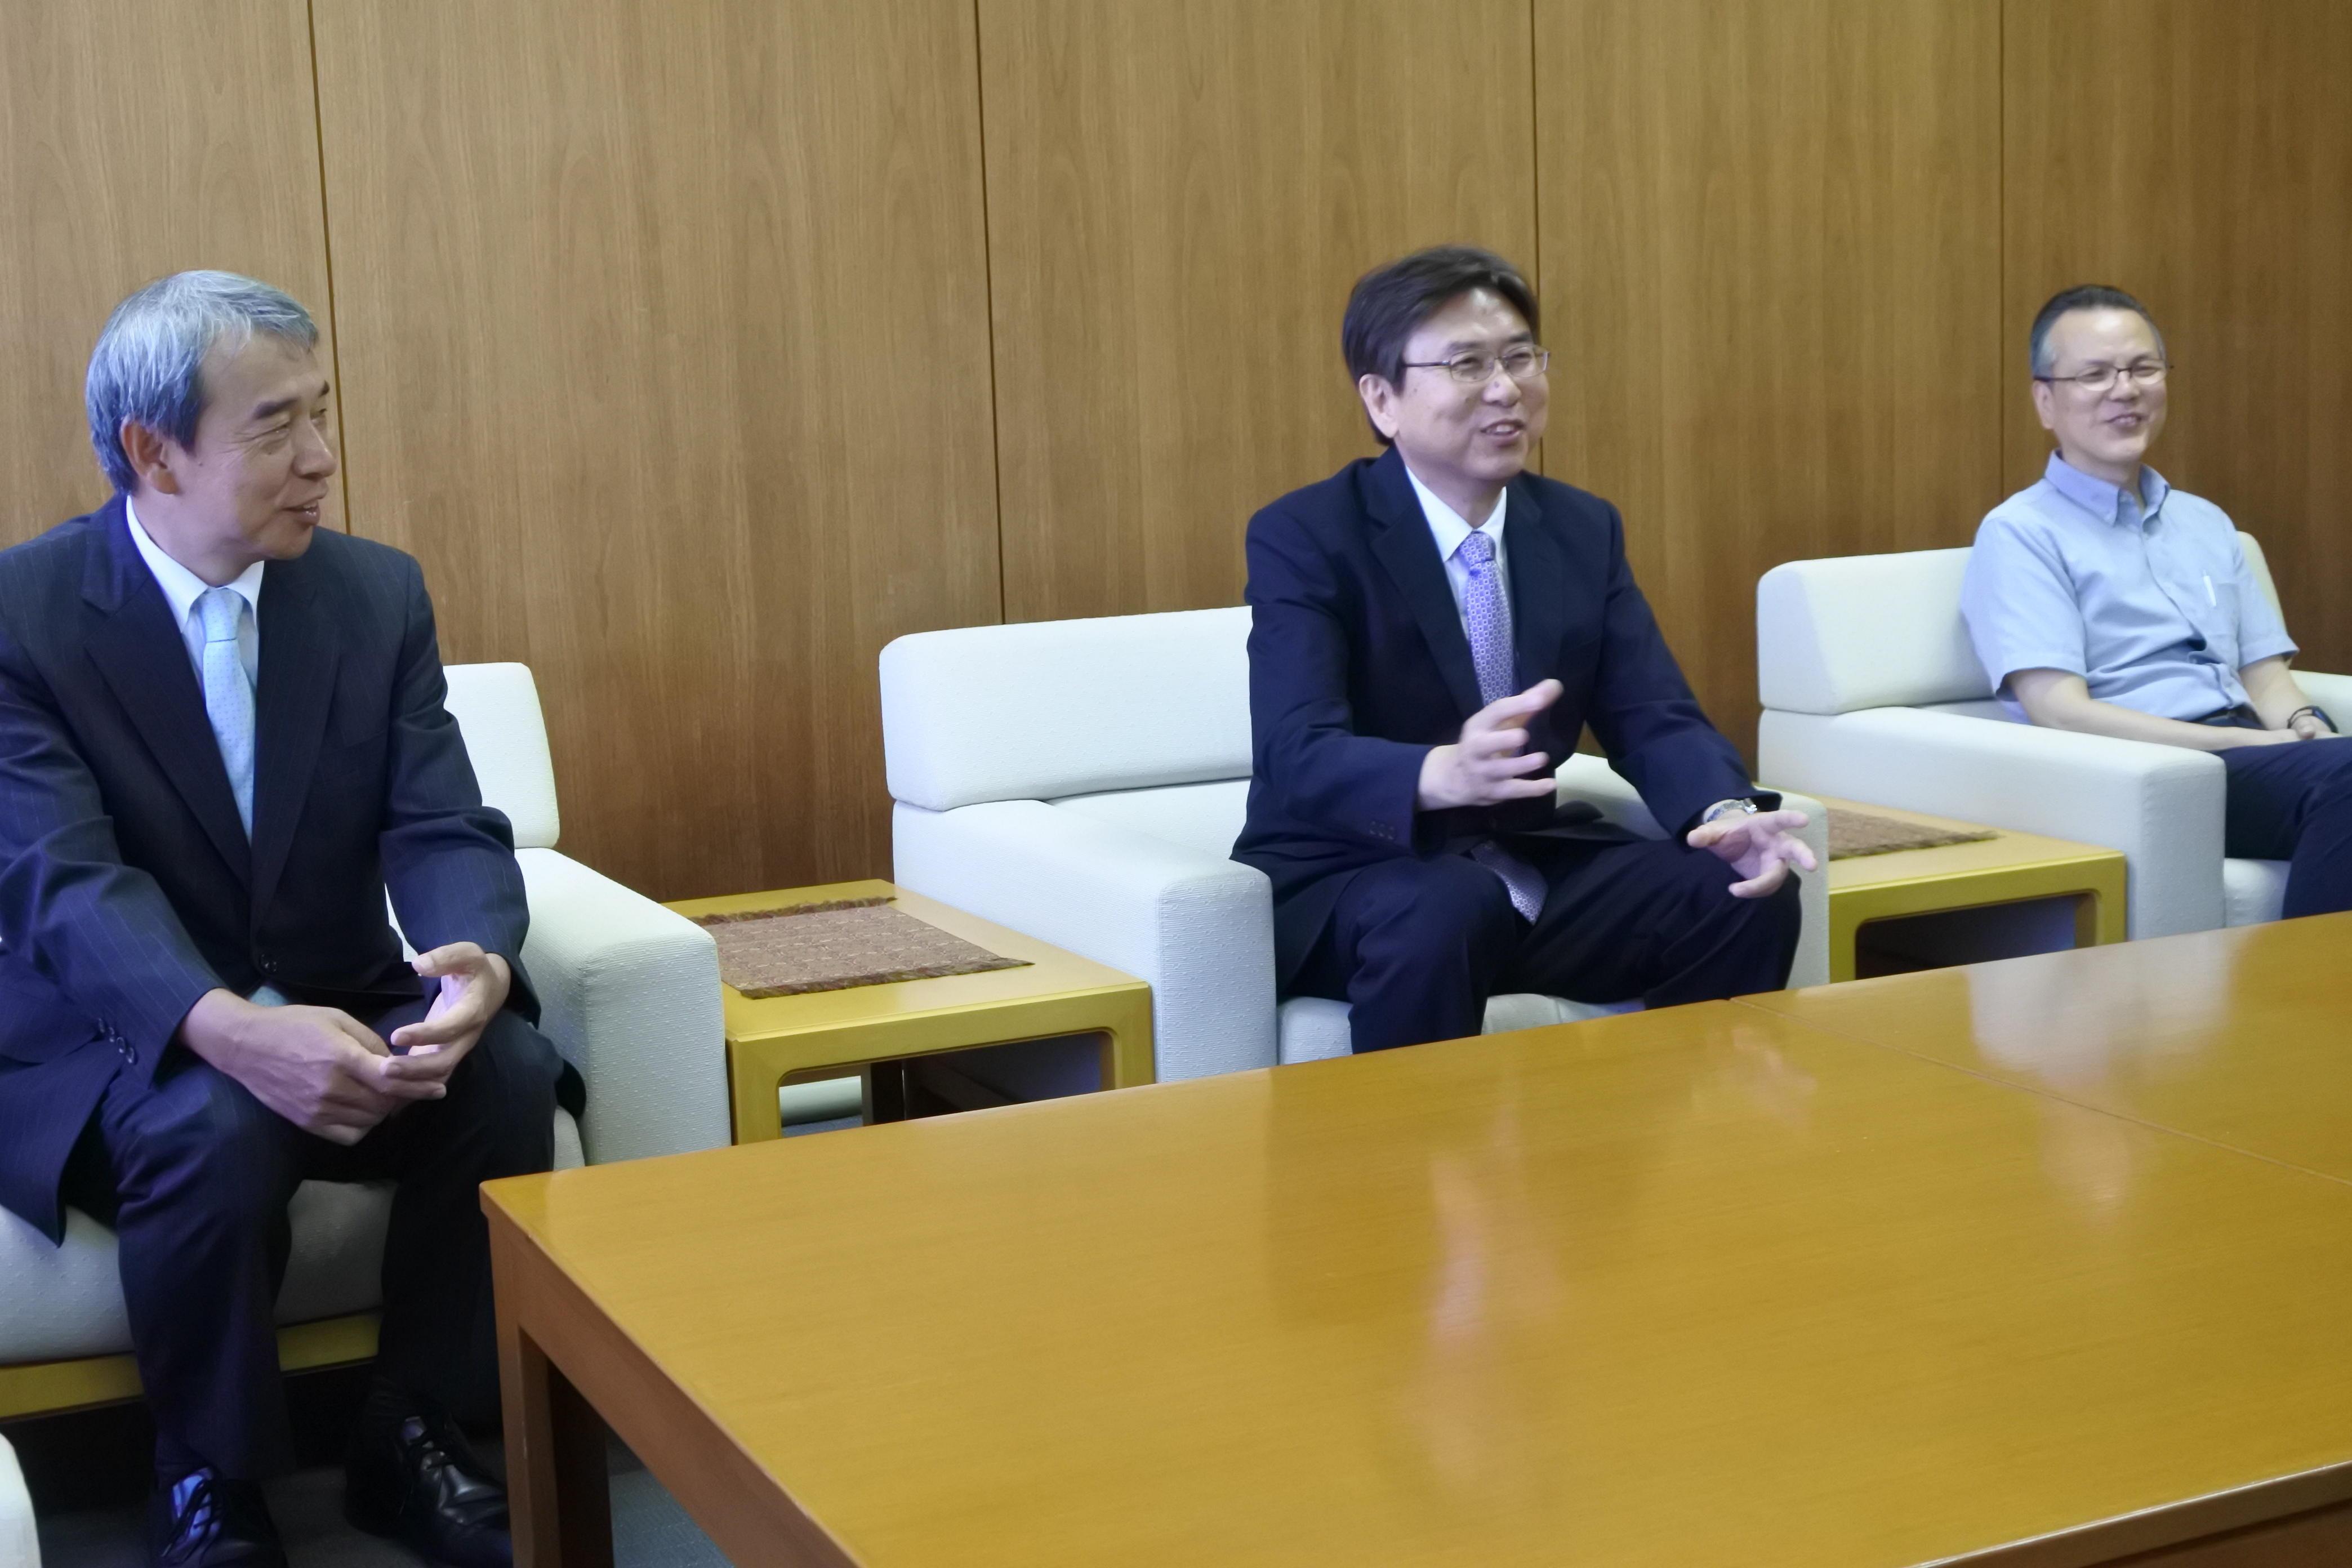 論文の概要を説明する岡村さんと、加鳥裕明研究科長(左)、楊剣鳴教授(右)